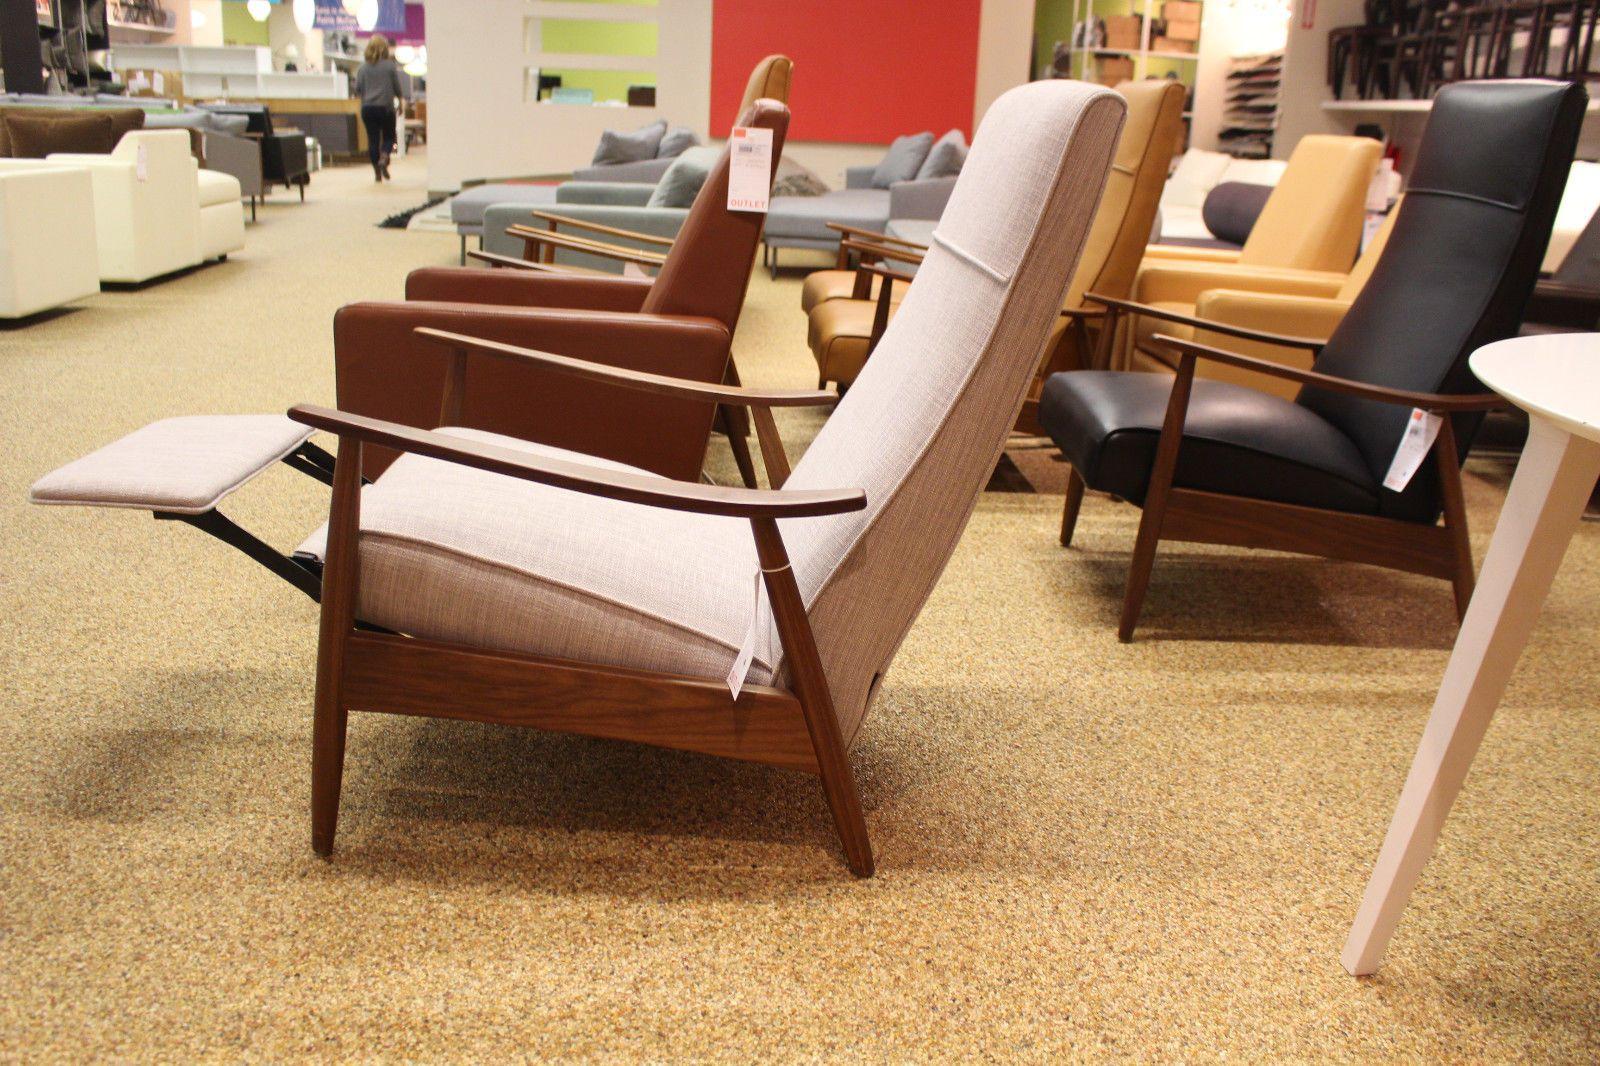 Pin On Milo Baughman Furniture